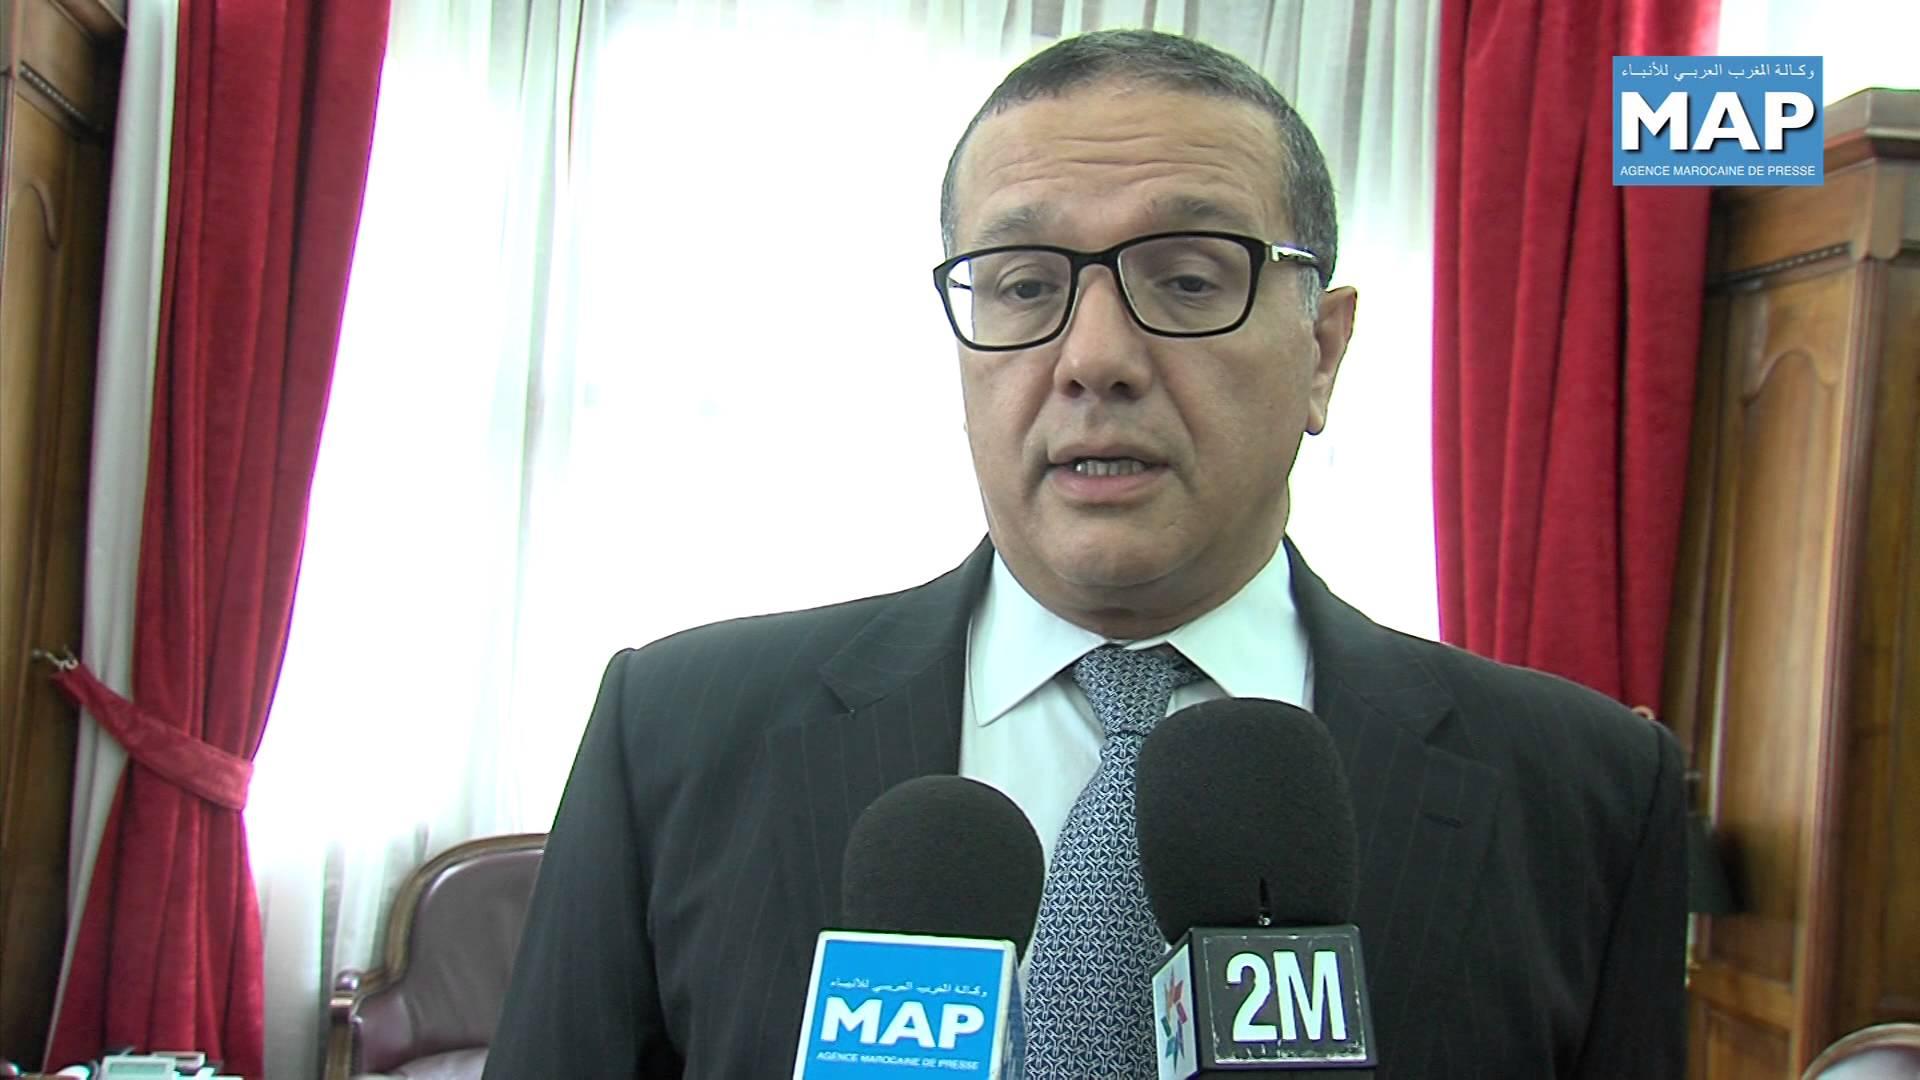 """وزير الاقتصاد والمالية بوسعيد في المغرب ماشي في الصين حسب """"لاماب"""" ديال الهاشمي"""